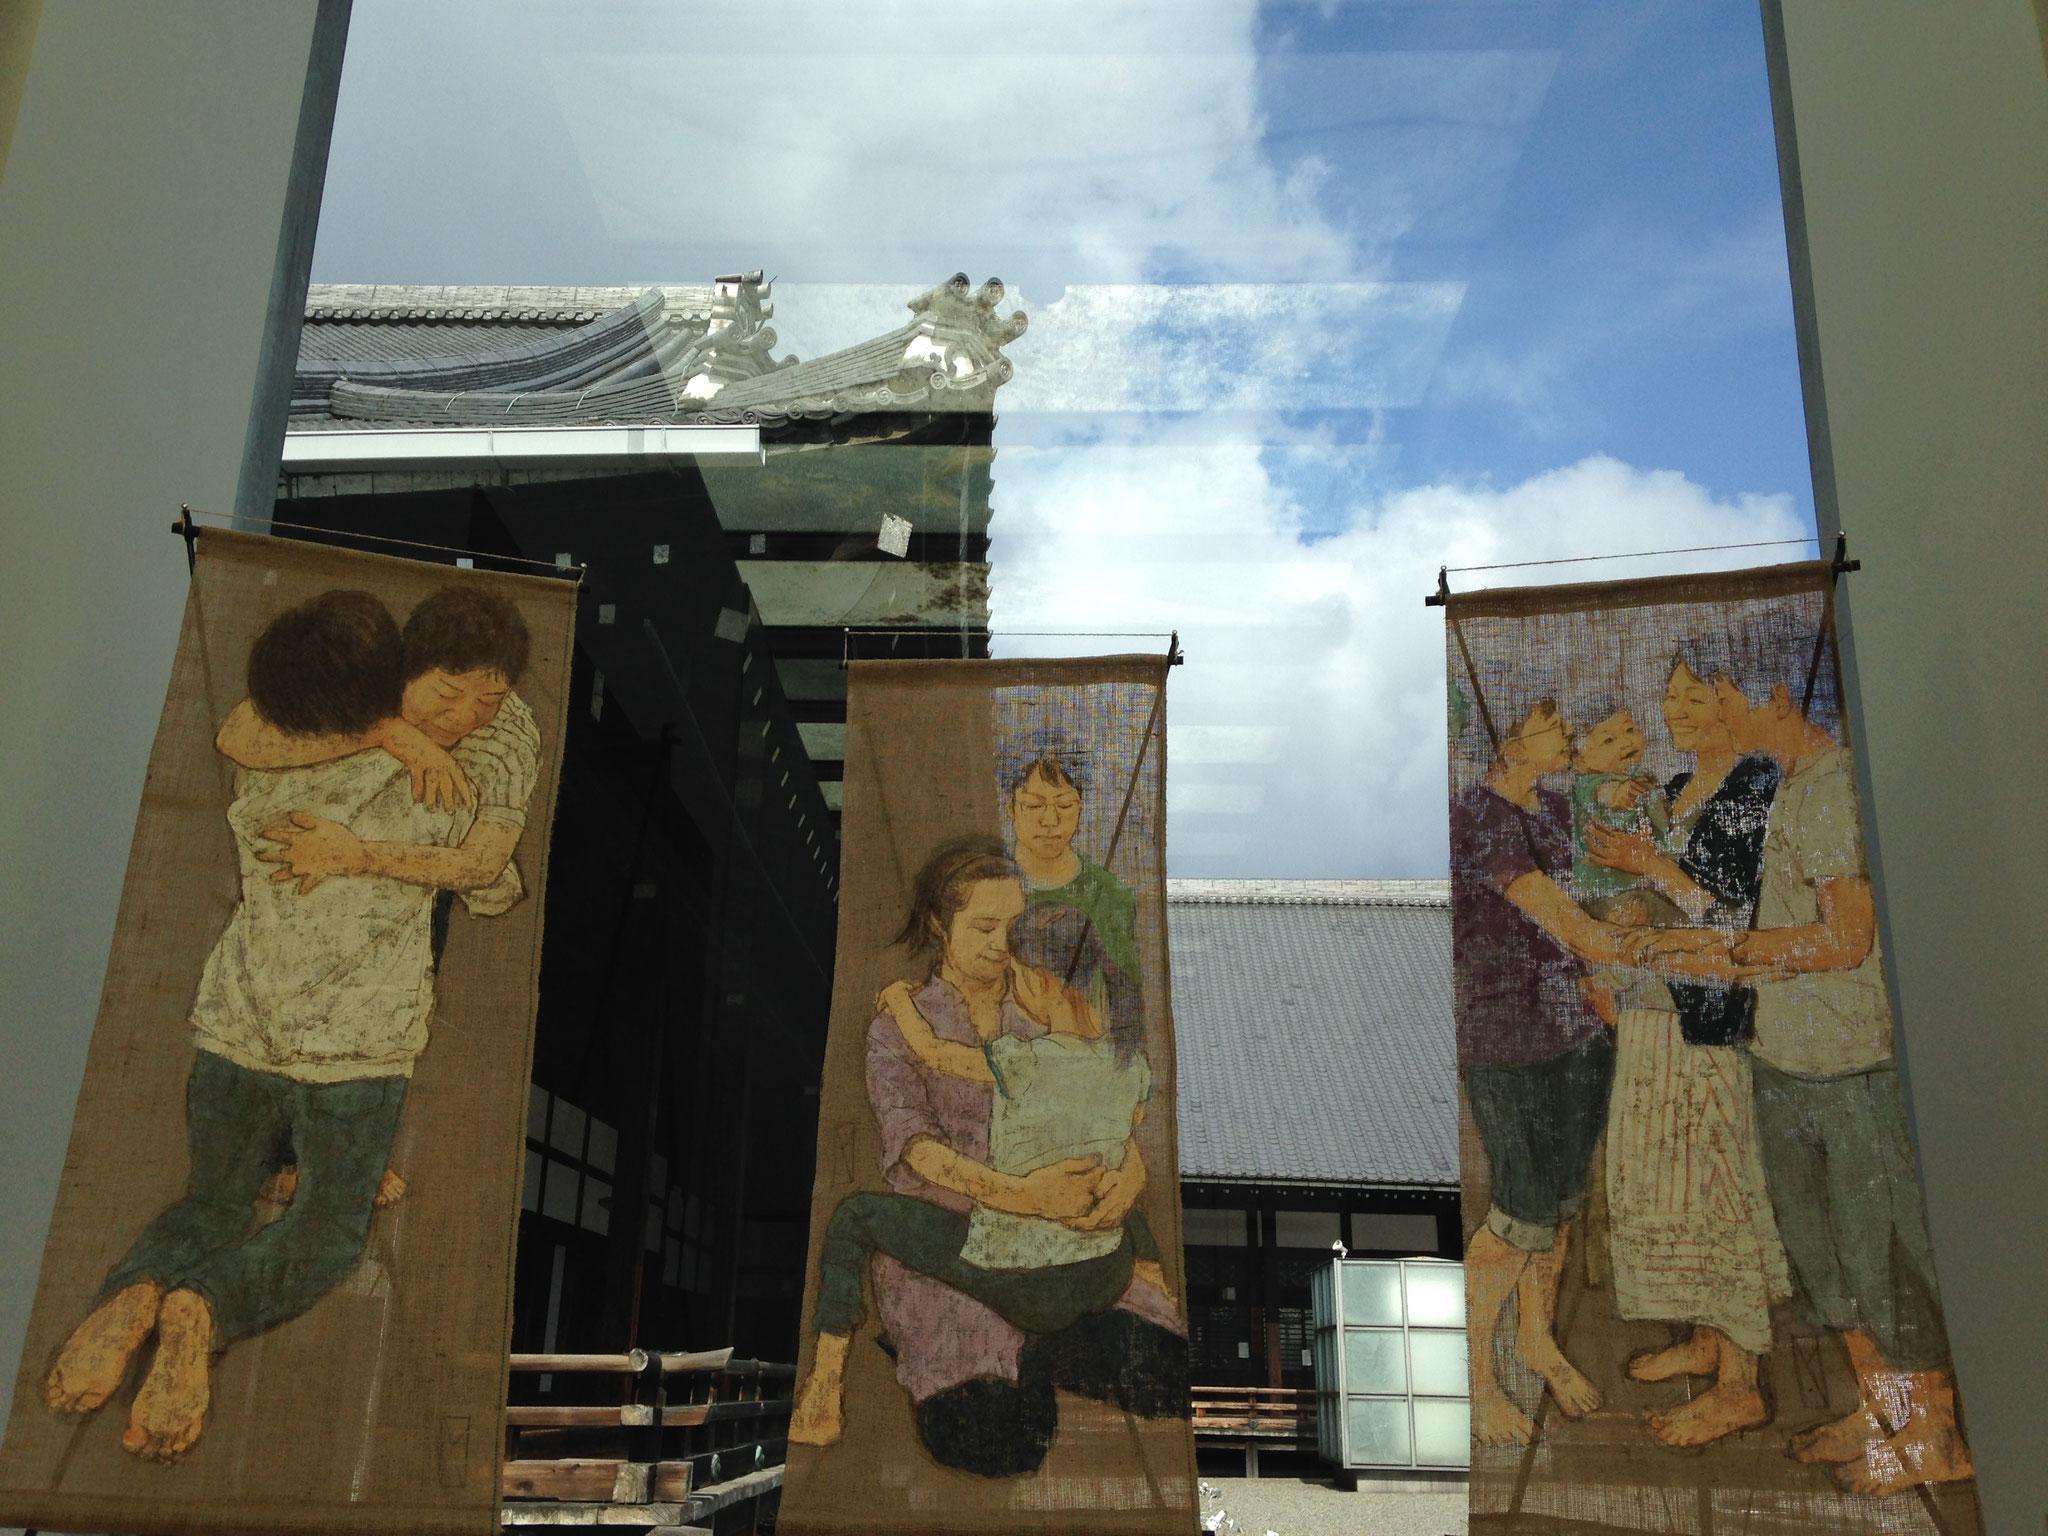 東本願寺・参拝接待所ギャラリー (京都府・京都市) 2015年